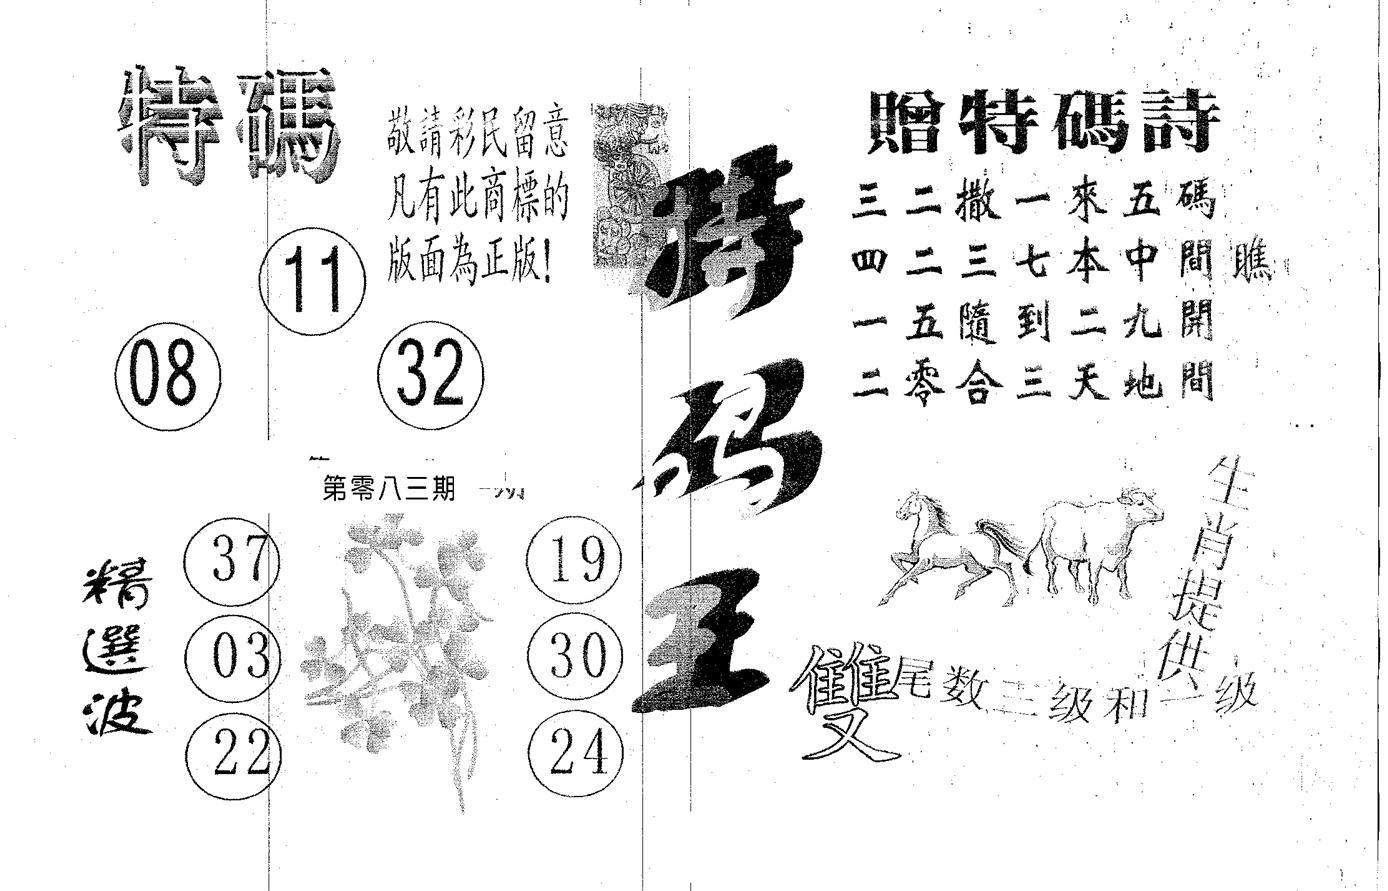 083期特码王A(黑白)